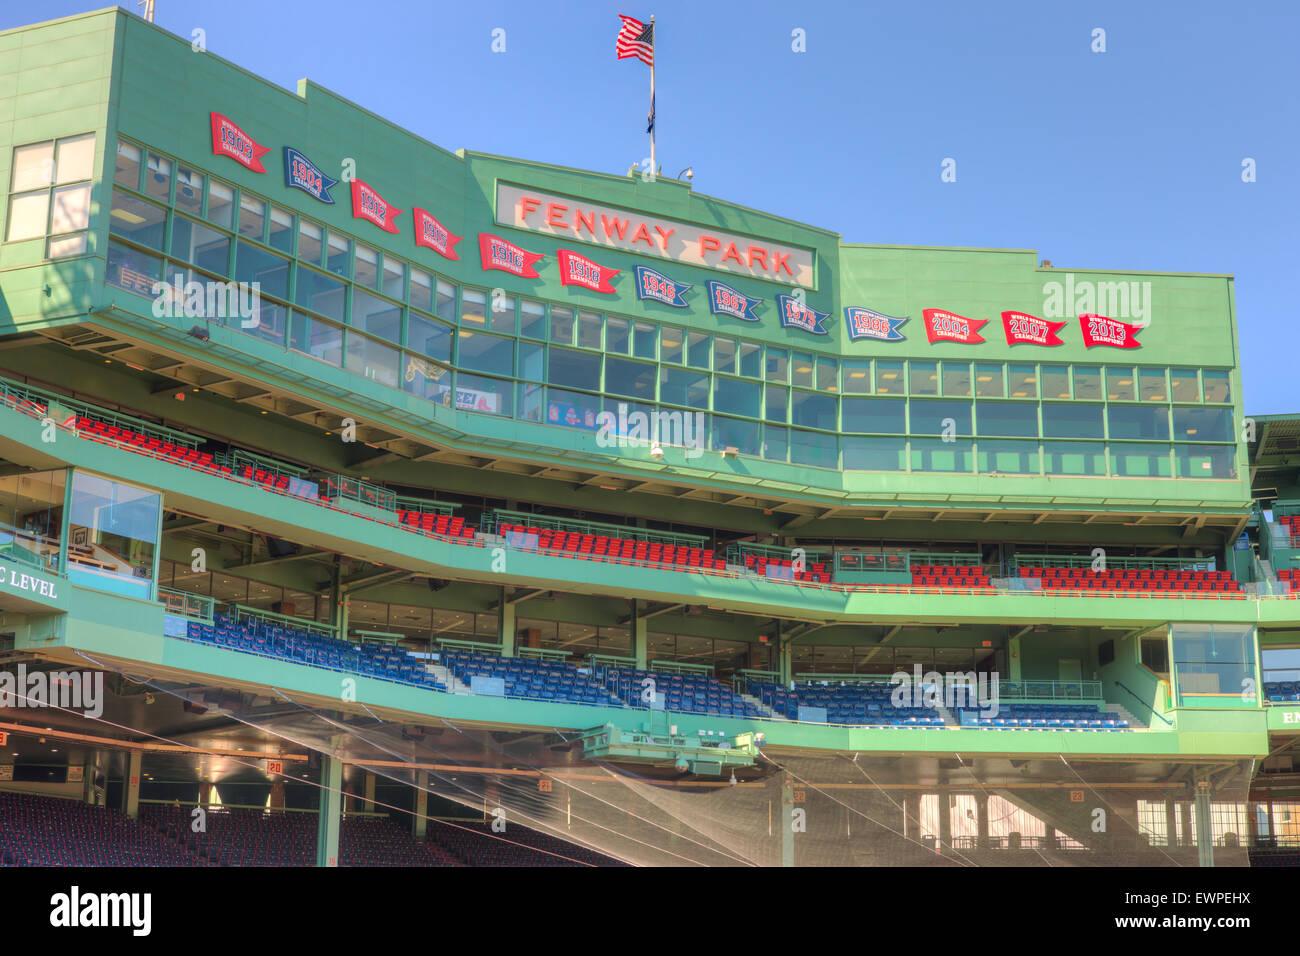 La casilla de prensa detrás del plato de home en el icónico Fenway Park en Boston, Massachusetts. Imagen De Stock